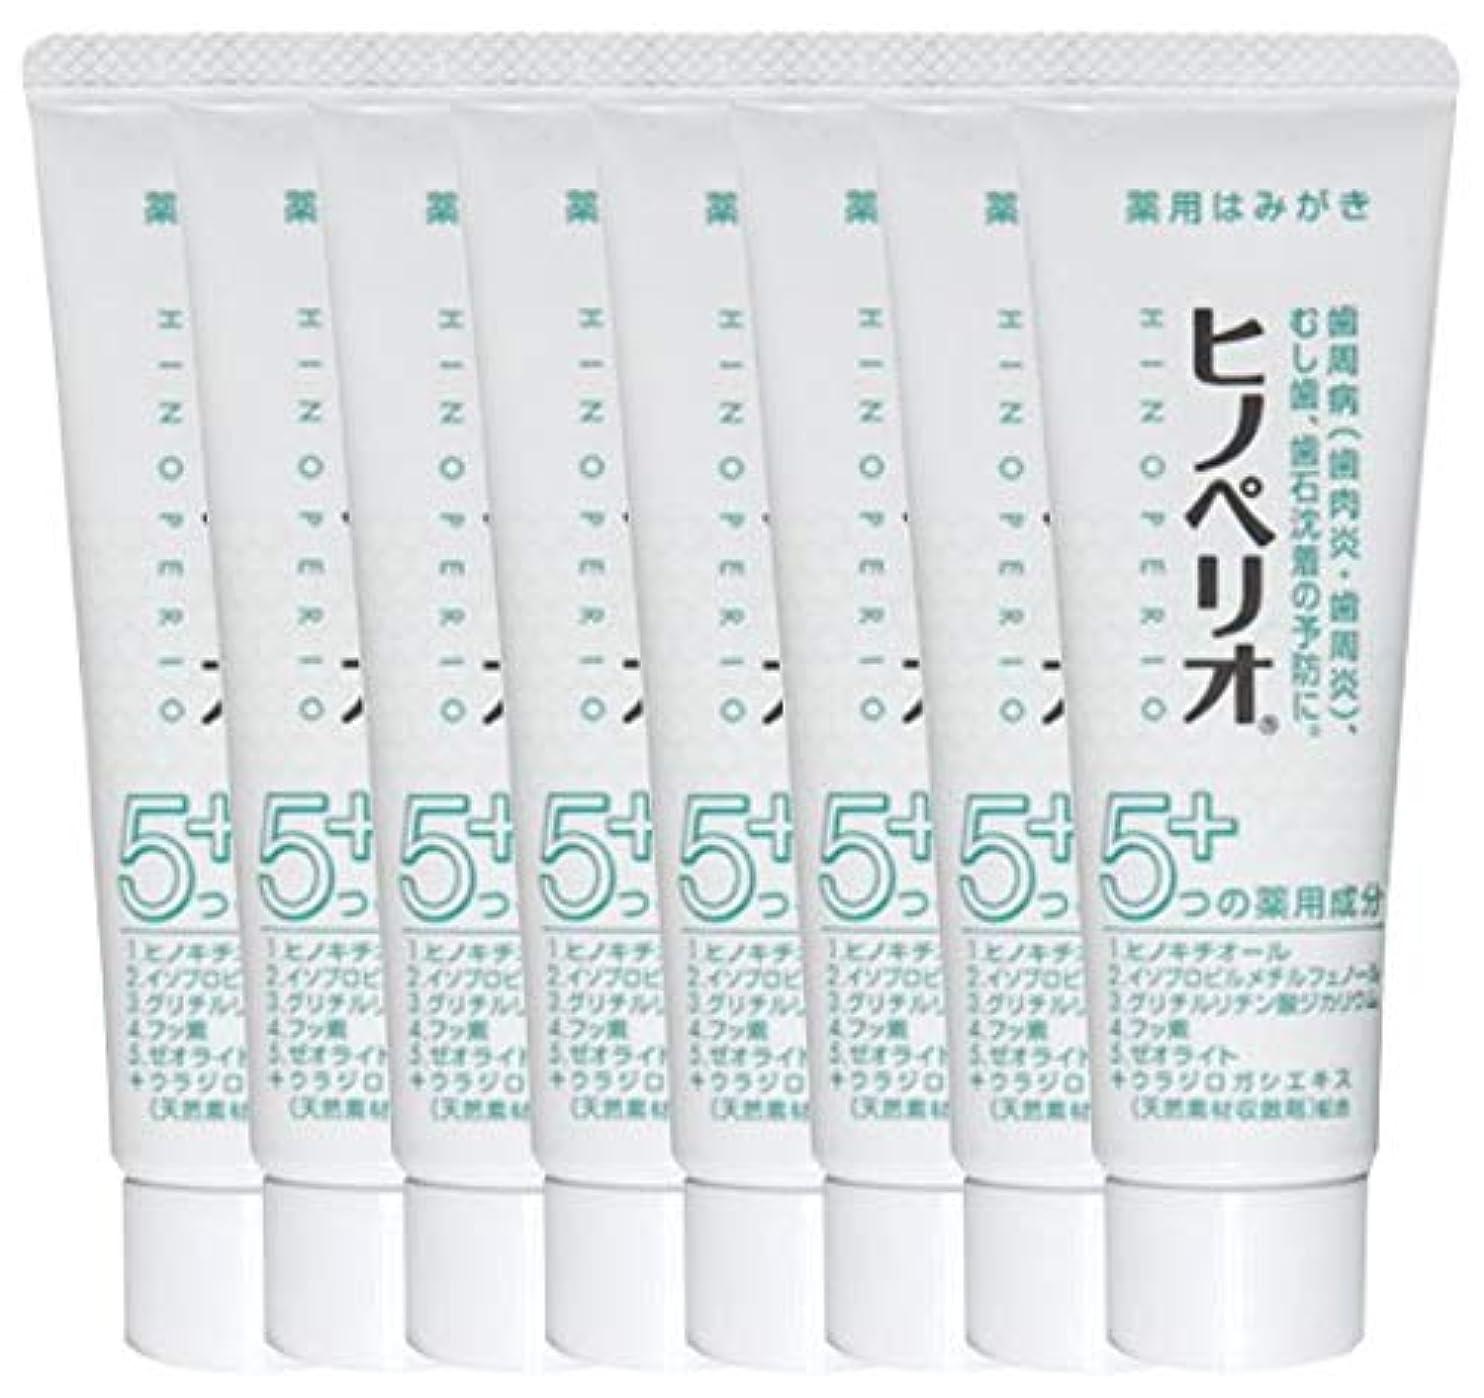 類人猿とまり木昭和薬品 ヒノペリオ60g 医薬部外品 × 8本